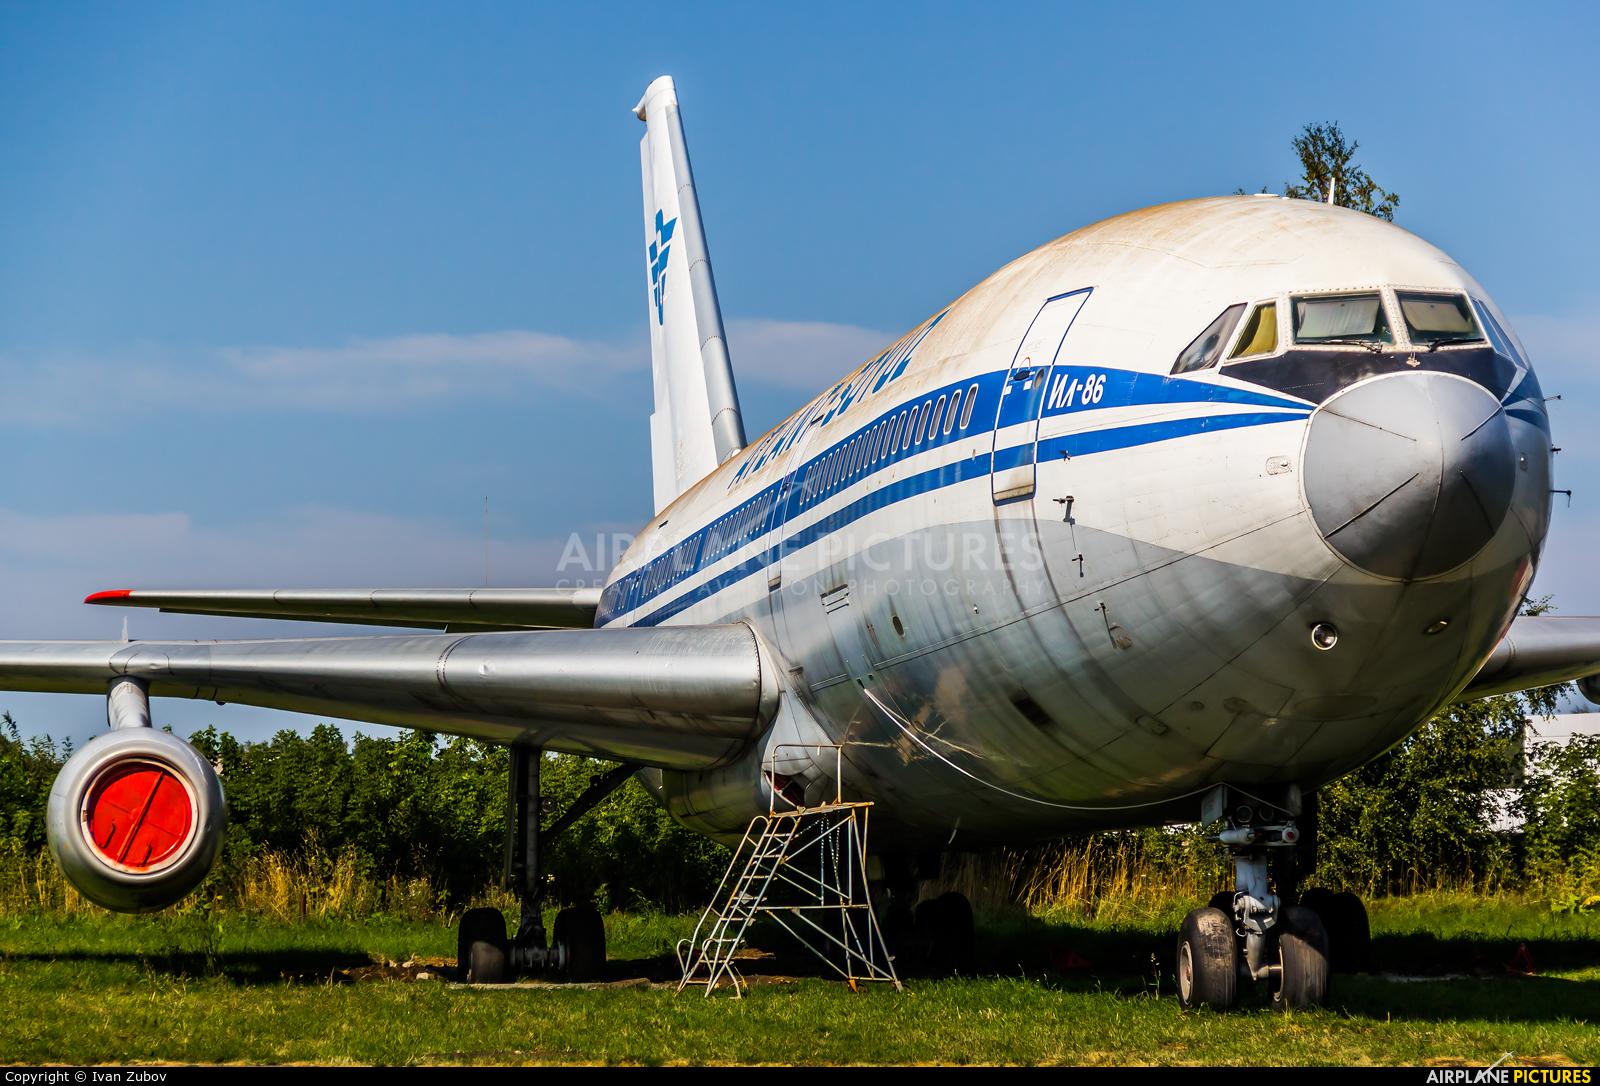 Atlant-Soyuz RA-86062 aircraft at Ulyanovsk - Baratayevka